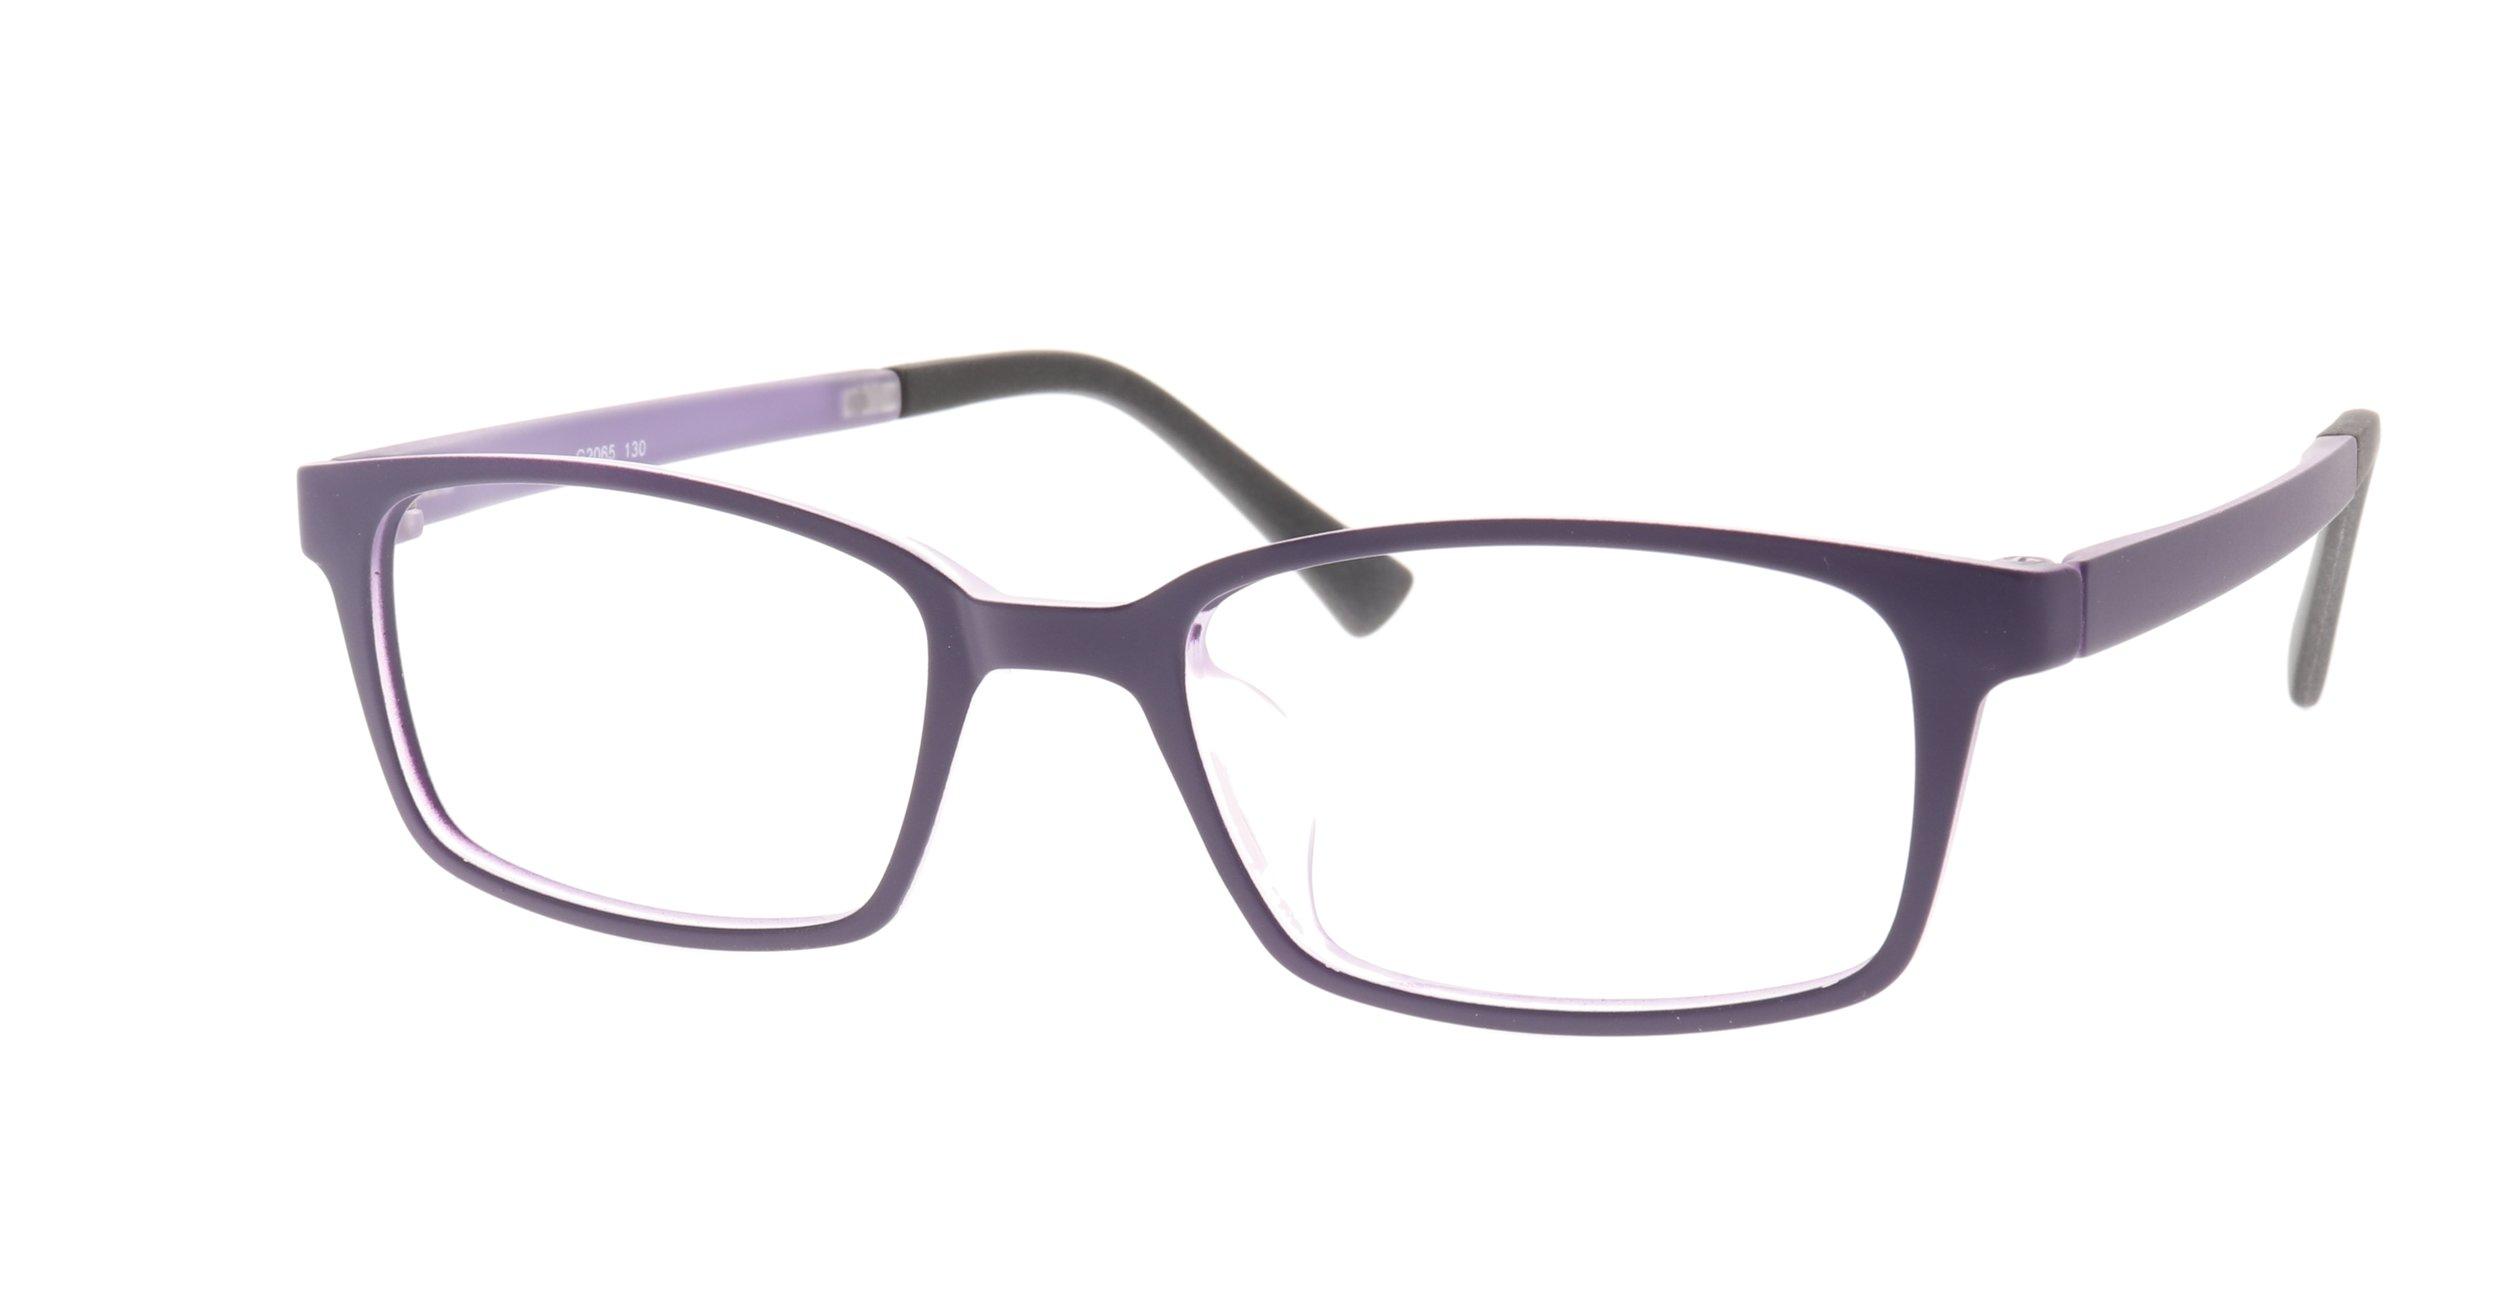 SparePair Eyewear 001.jpg